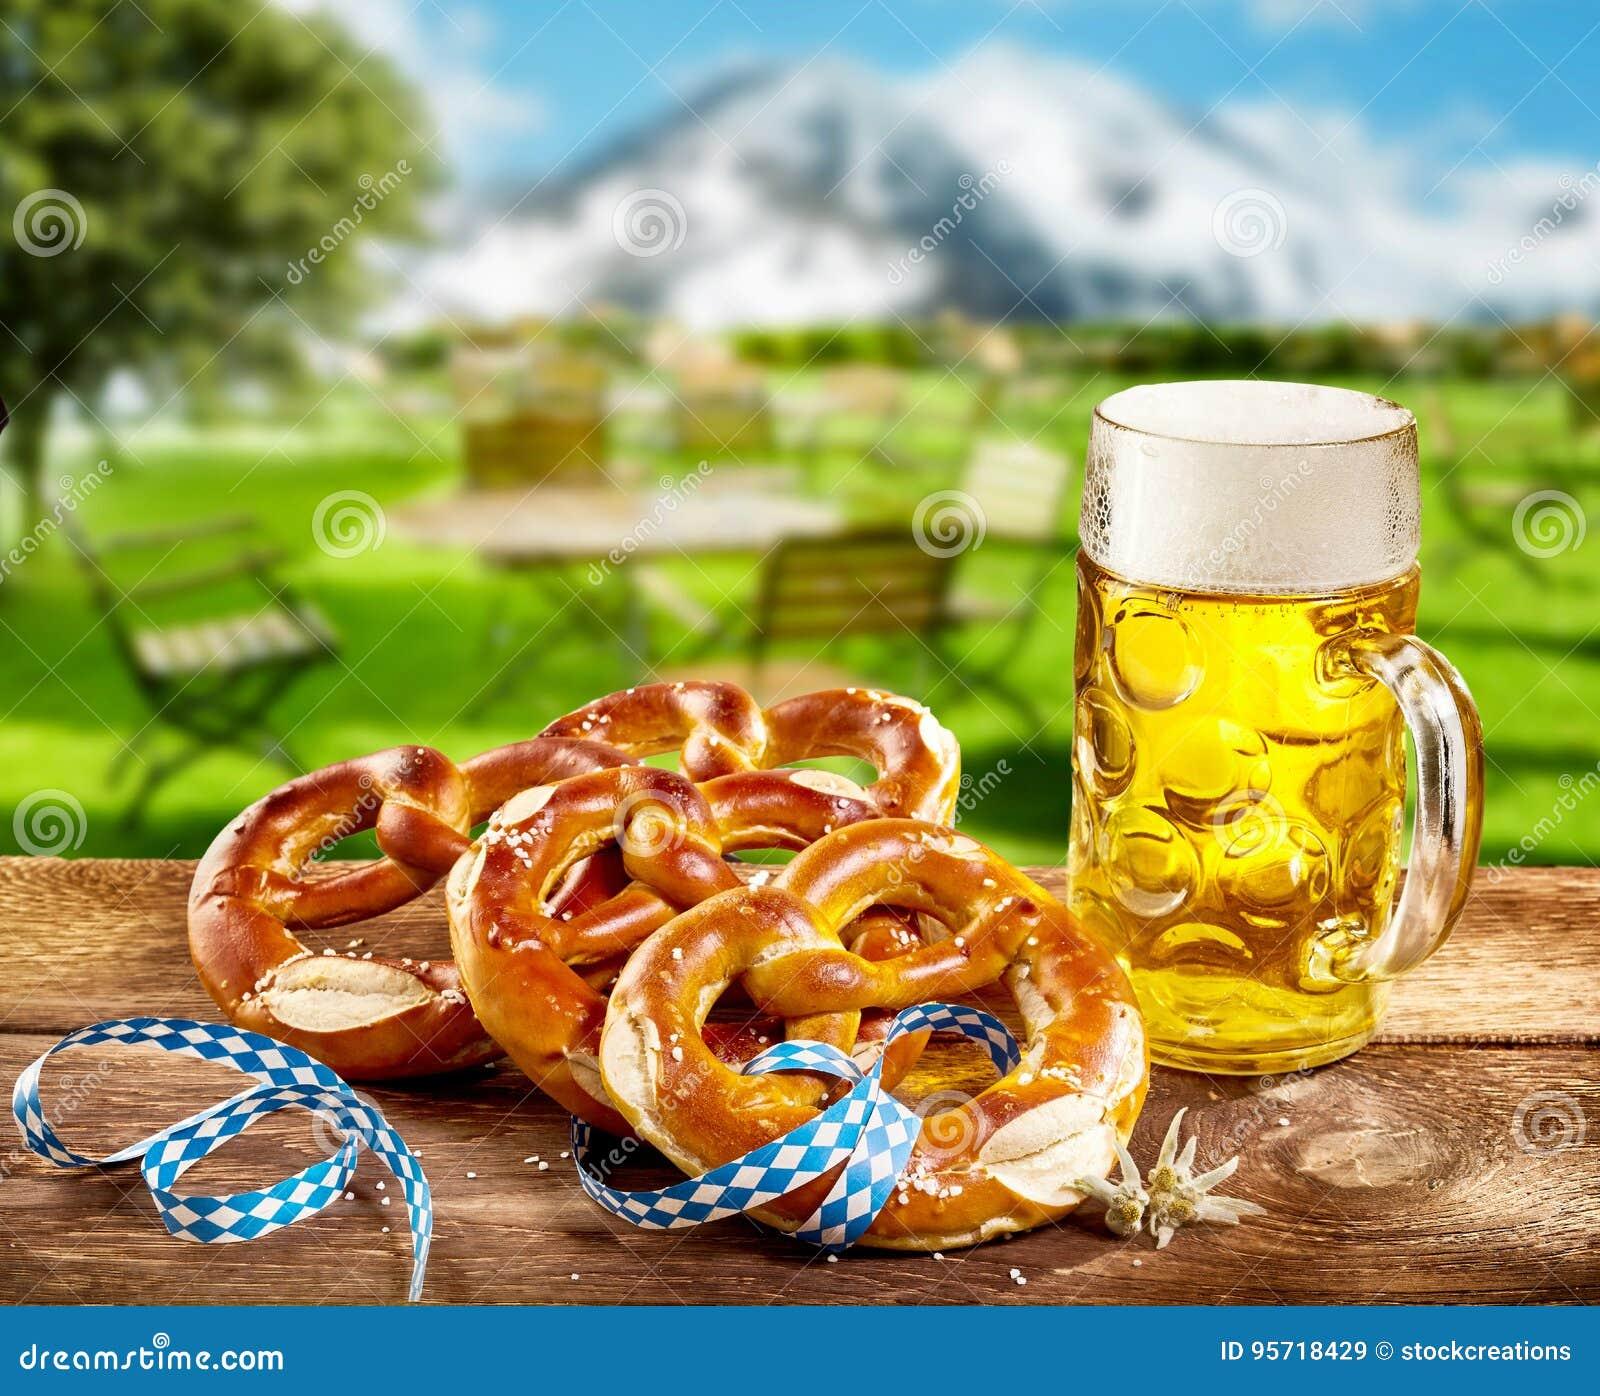 Precle i pół kwarty piwo świętować Oktoberfest